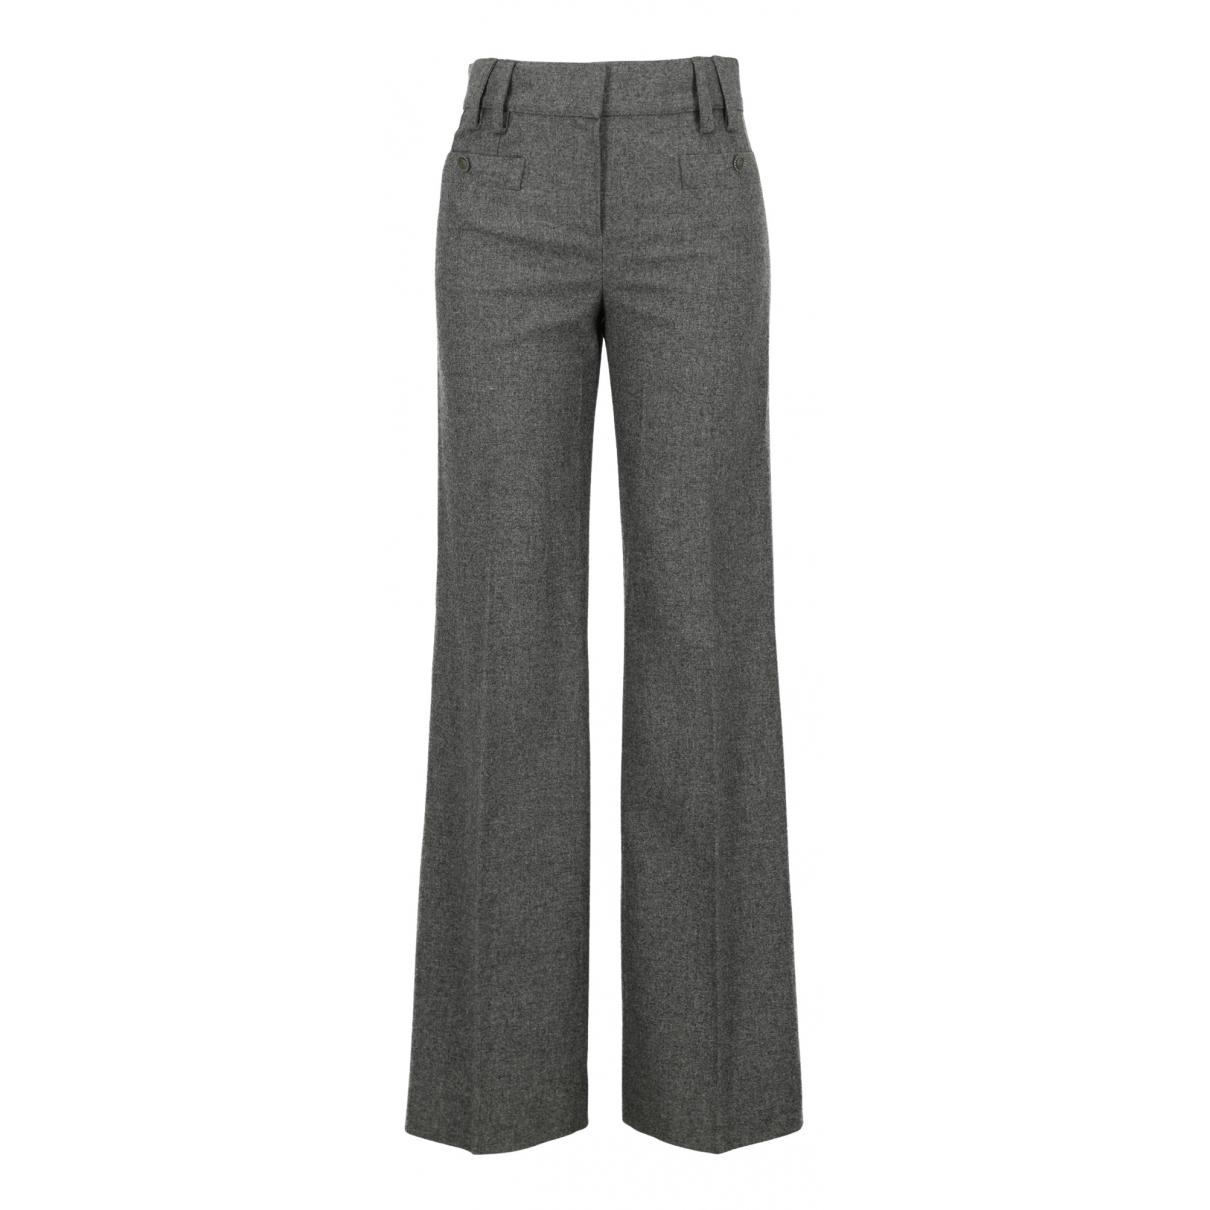 Chanel N Grey Wool Trousers for Women 36 FR